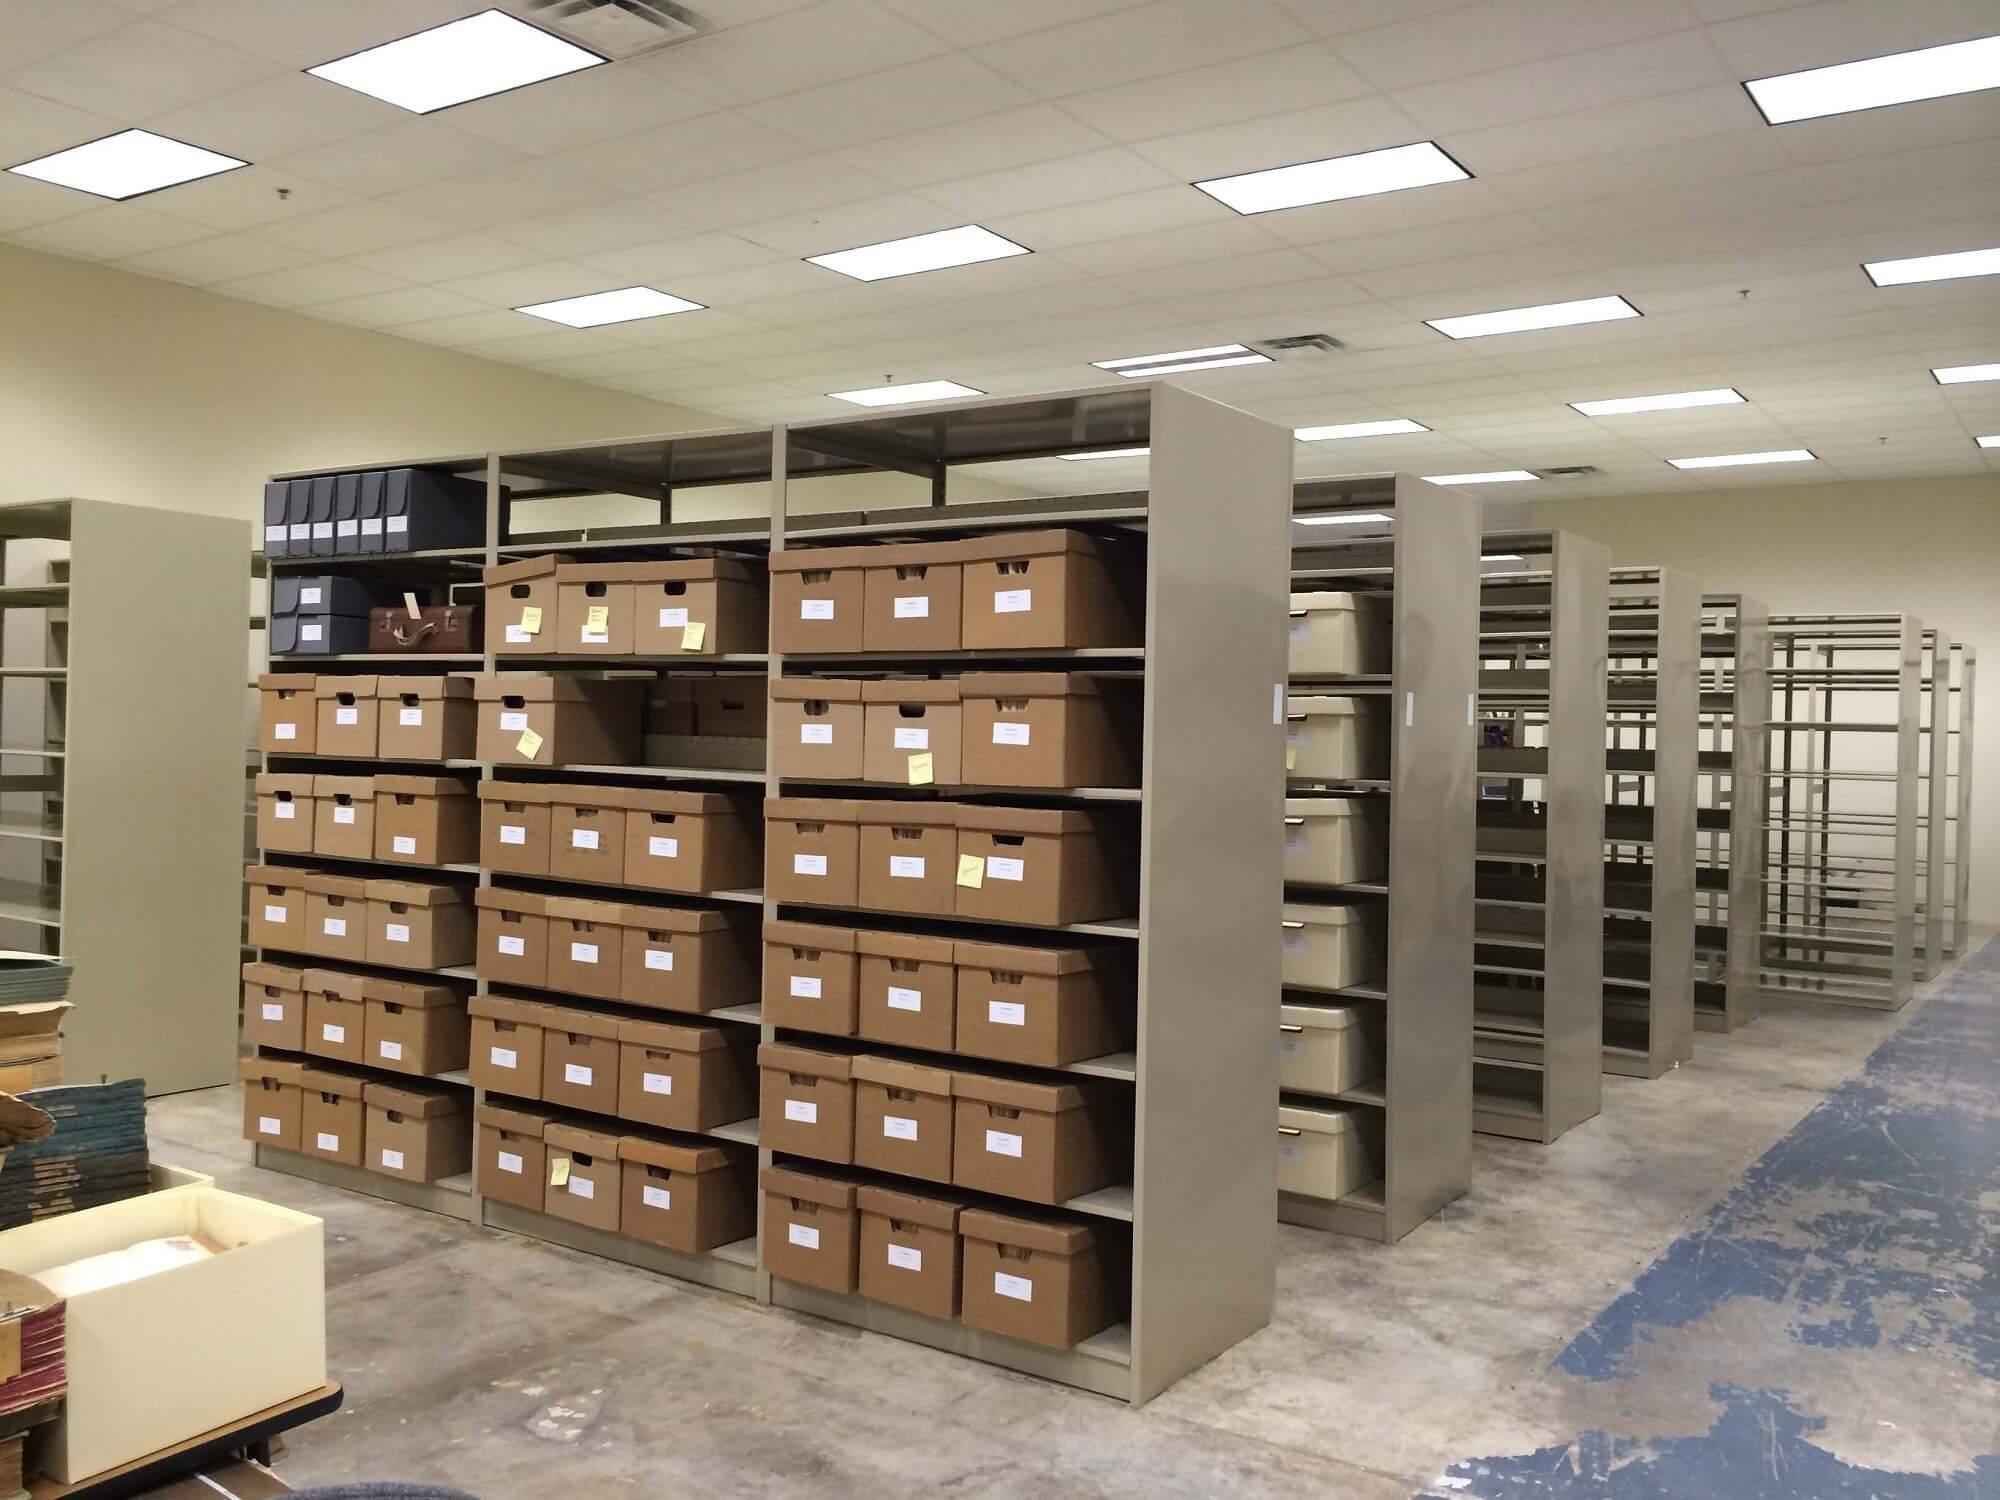 archives shelves